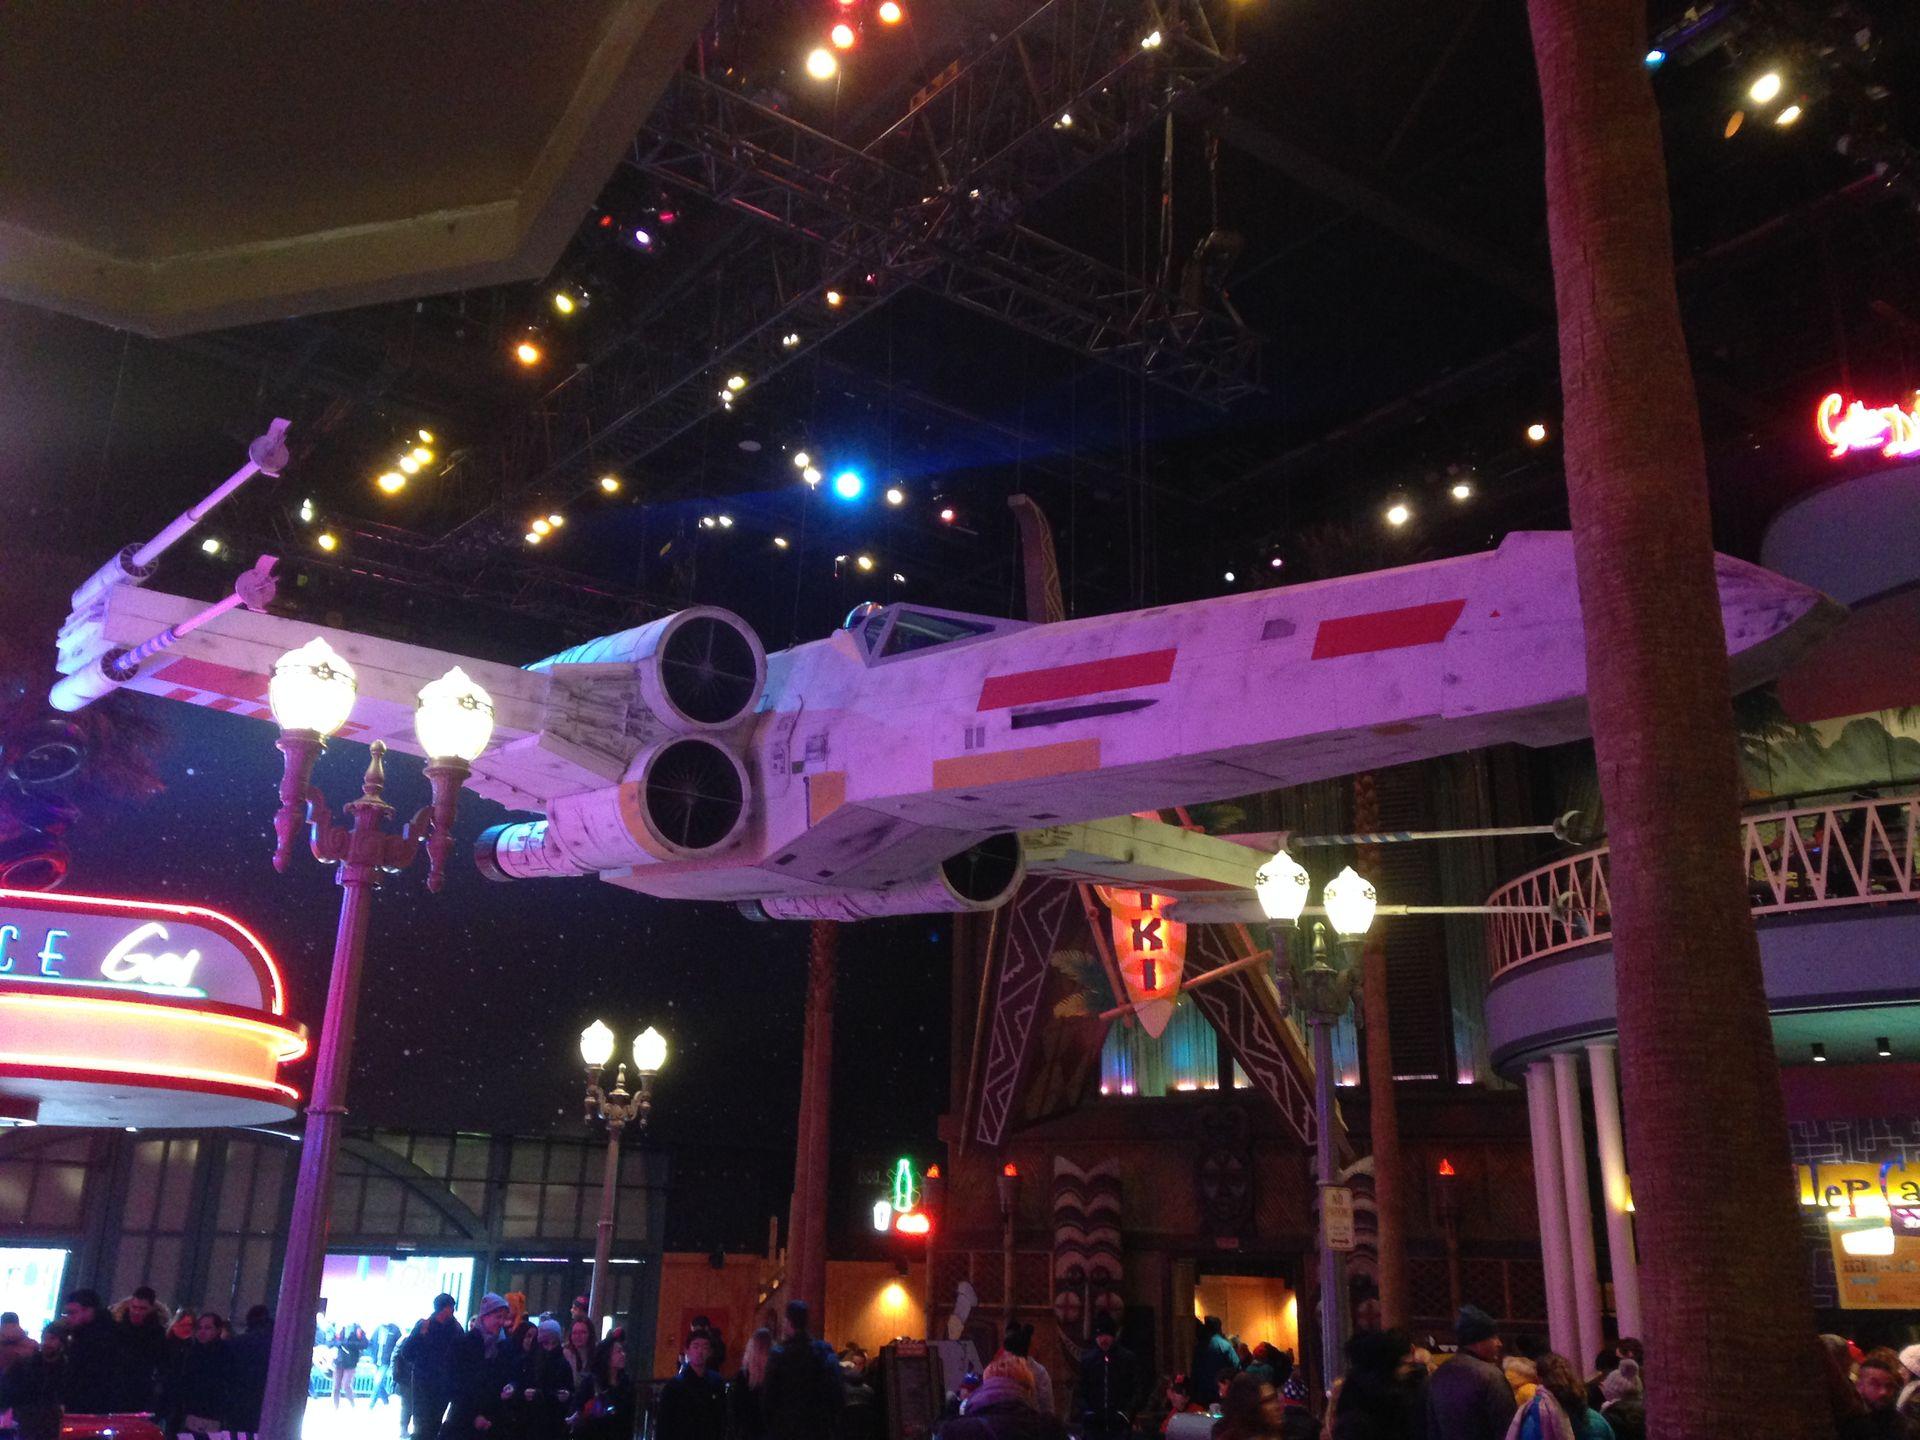 X-Wing Saison de la Force Paris